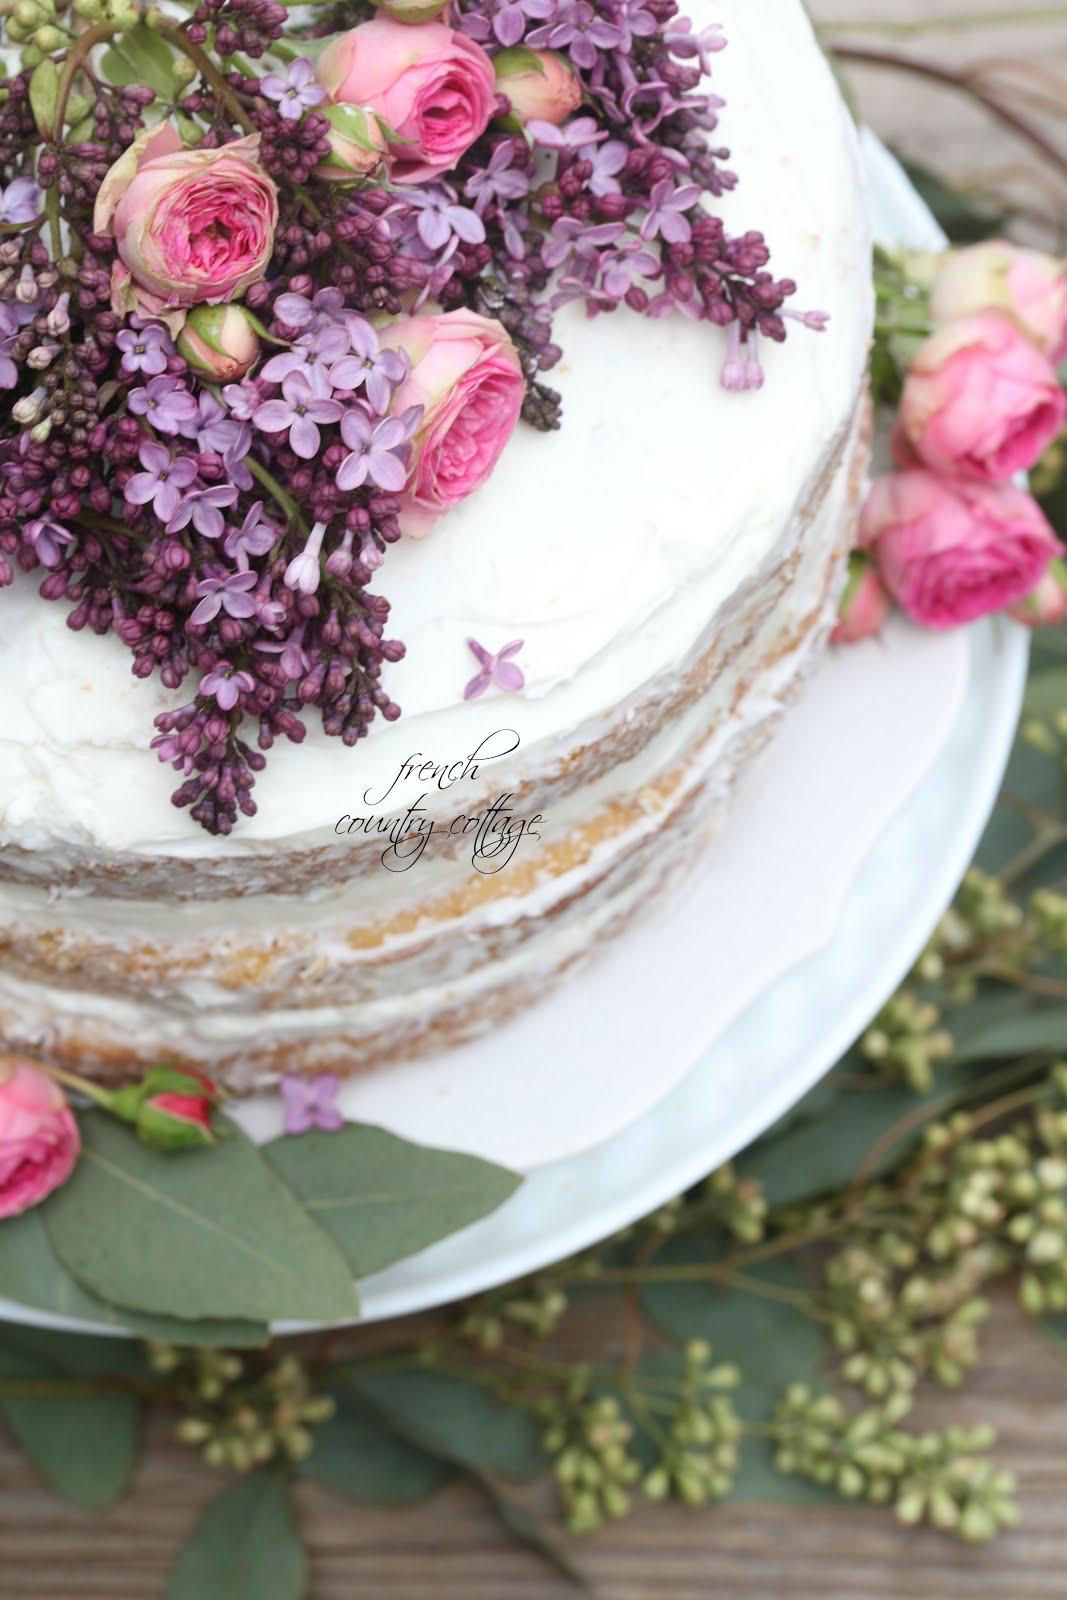 Easy Elegant Flower Topped Cake